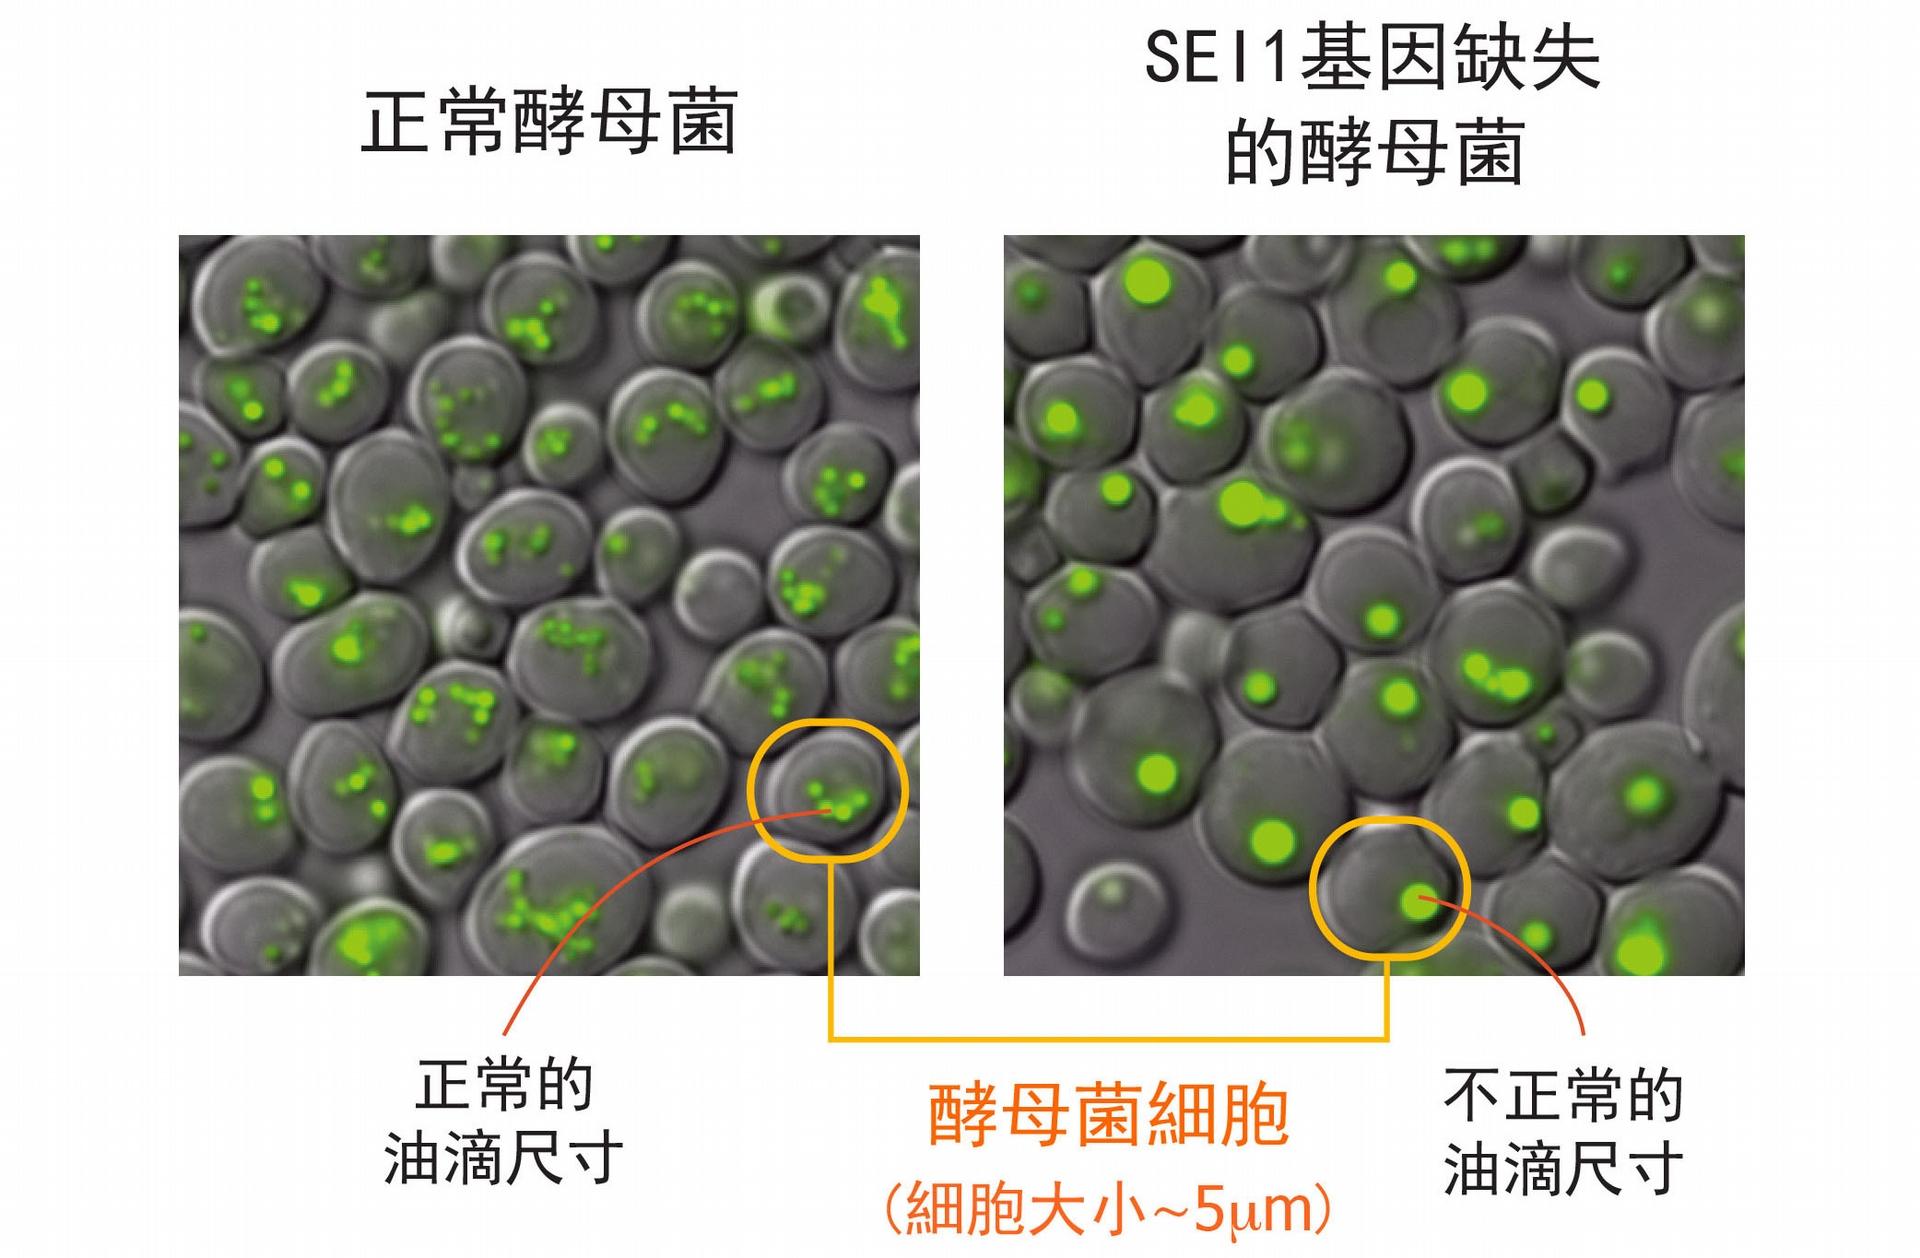 左圖為正常酵母菌細胞,右圖為酵母菌單一基因 SEI1 的突變株,右圖明顯可見:細胞中綠色部分標示的油滴尺寸變大、且數量變少。 圖片來源│王昭雯